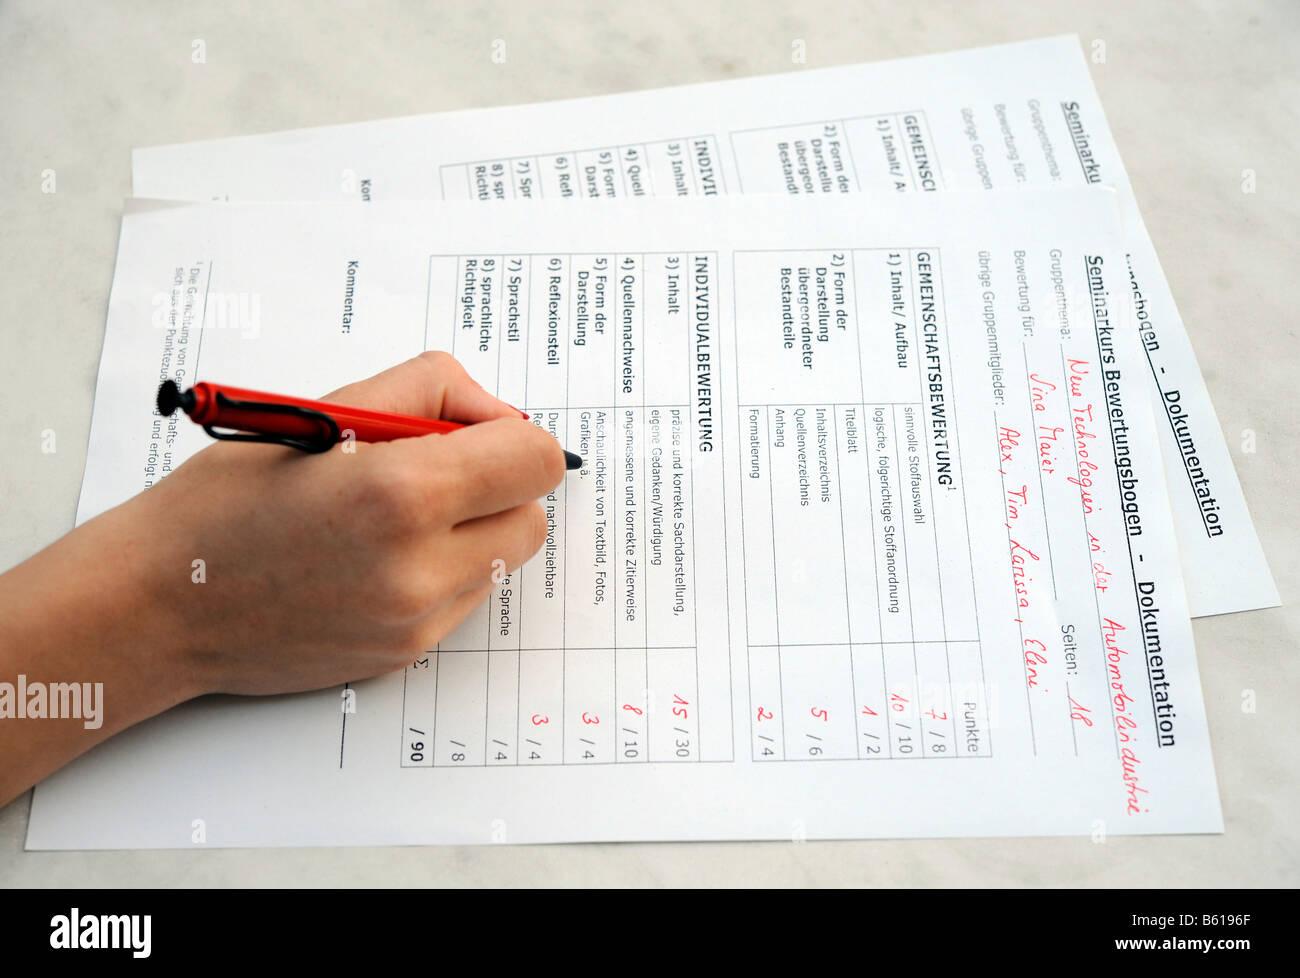 Evaluation sheet - Stock Image